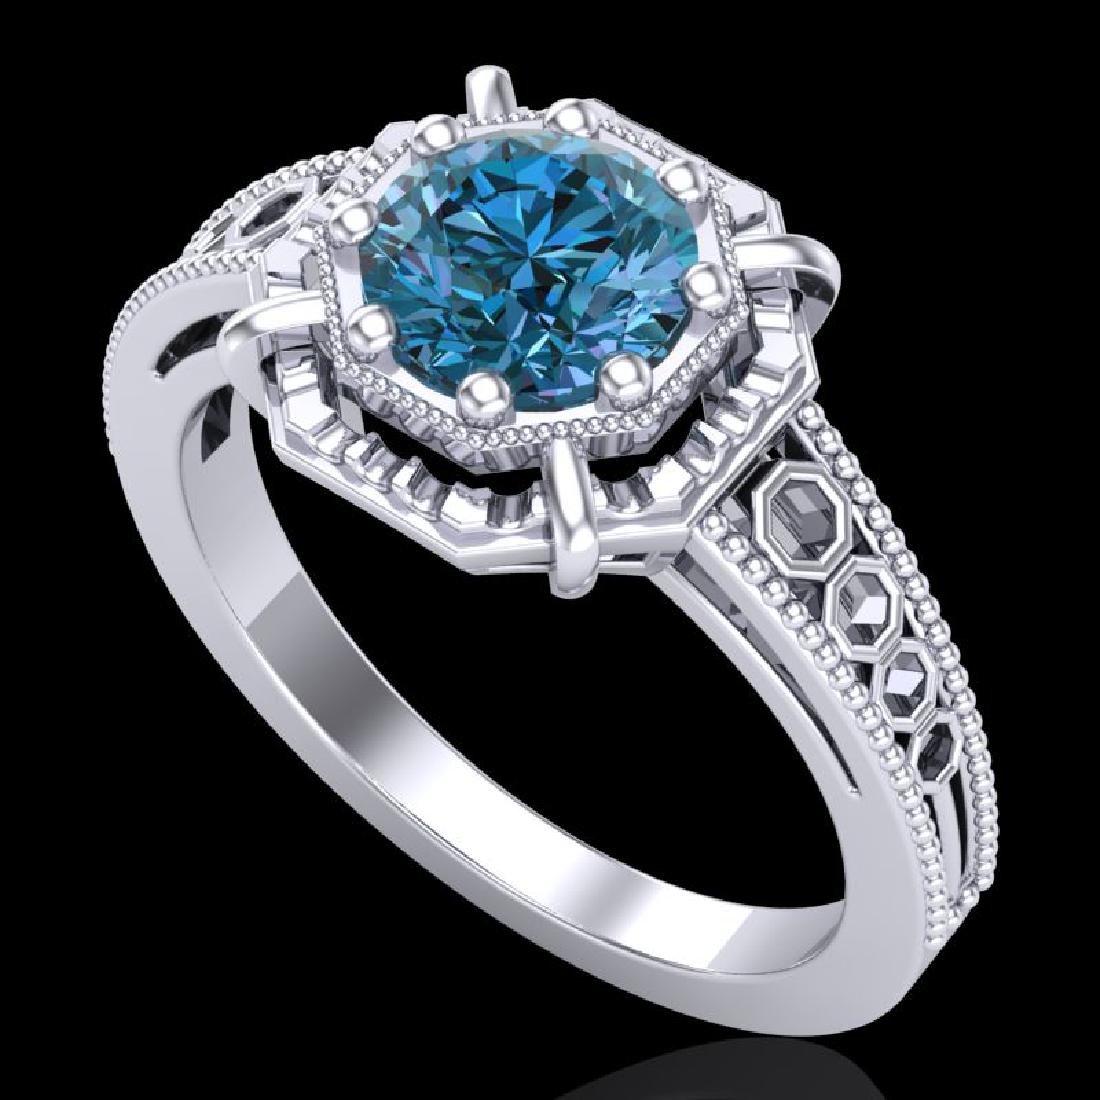 1 CTW Intense Blue Diamond Solitaire Engagement Art